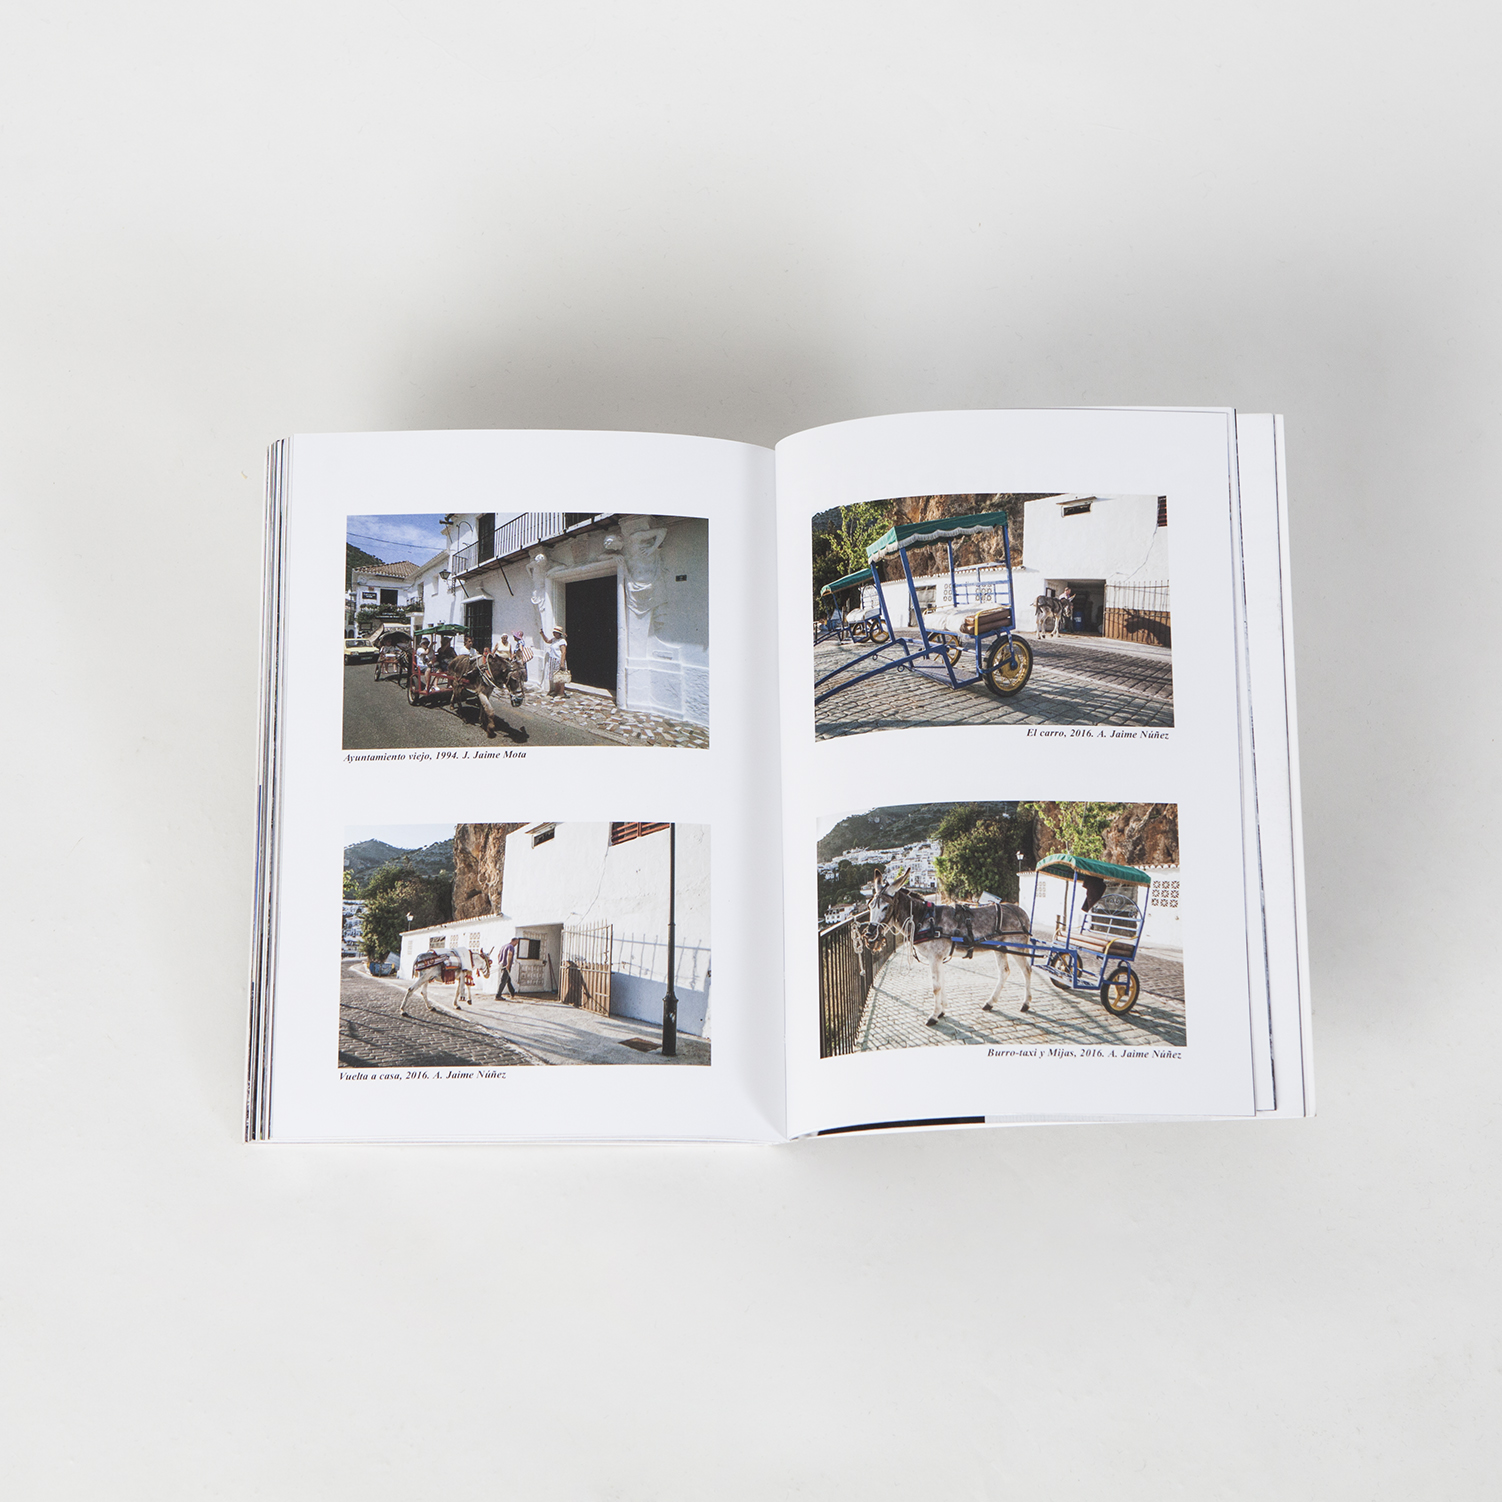 Fotografías en el libro Mijas: Ayer y Hoy